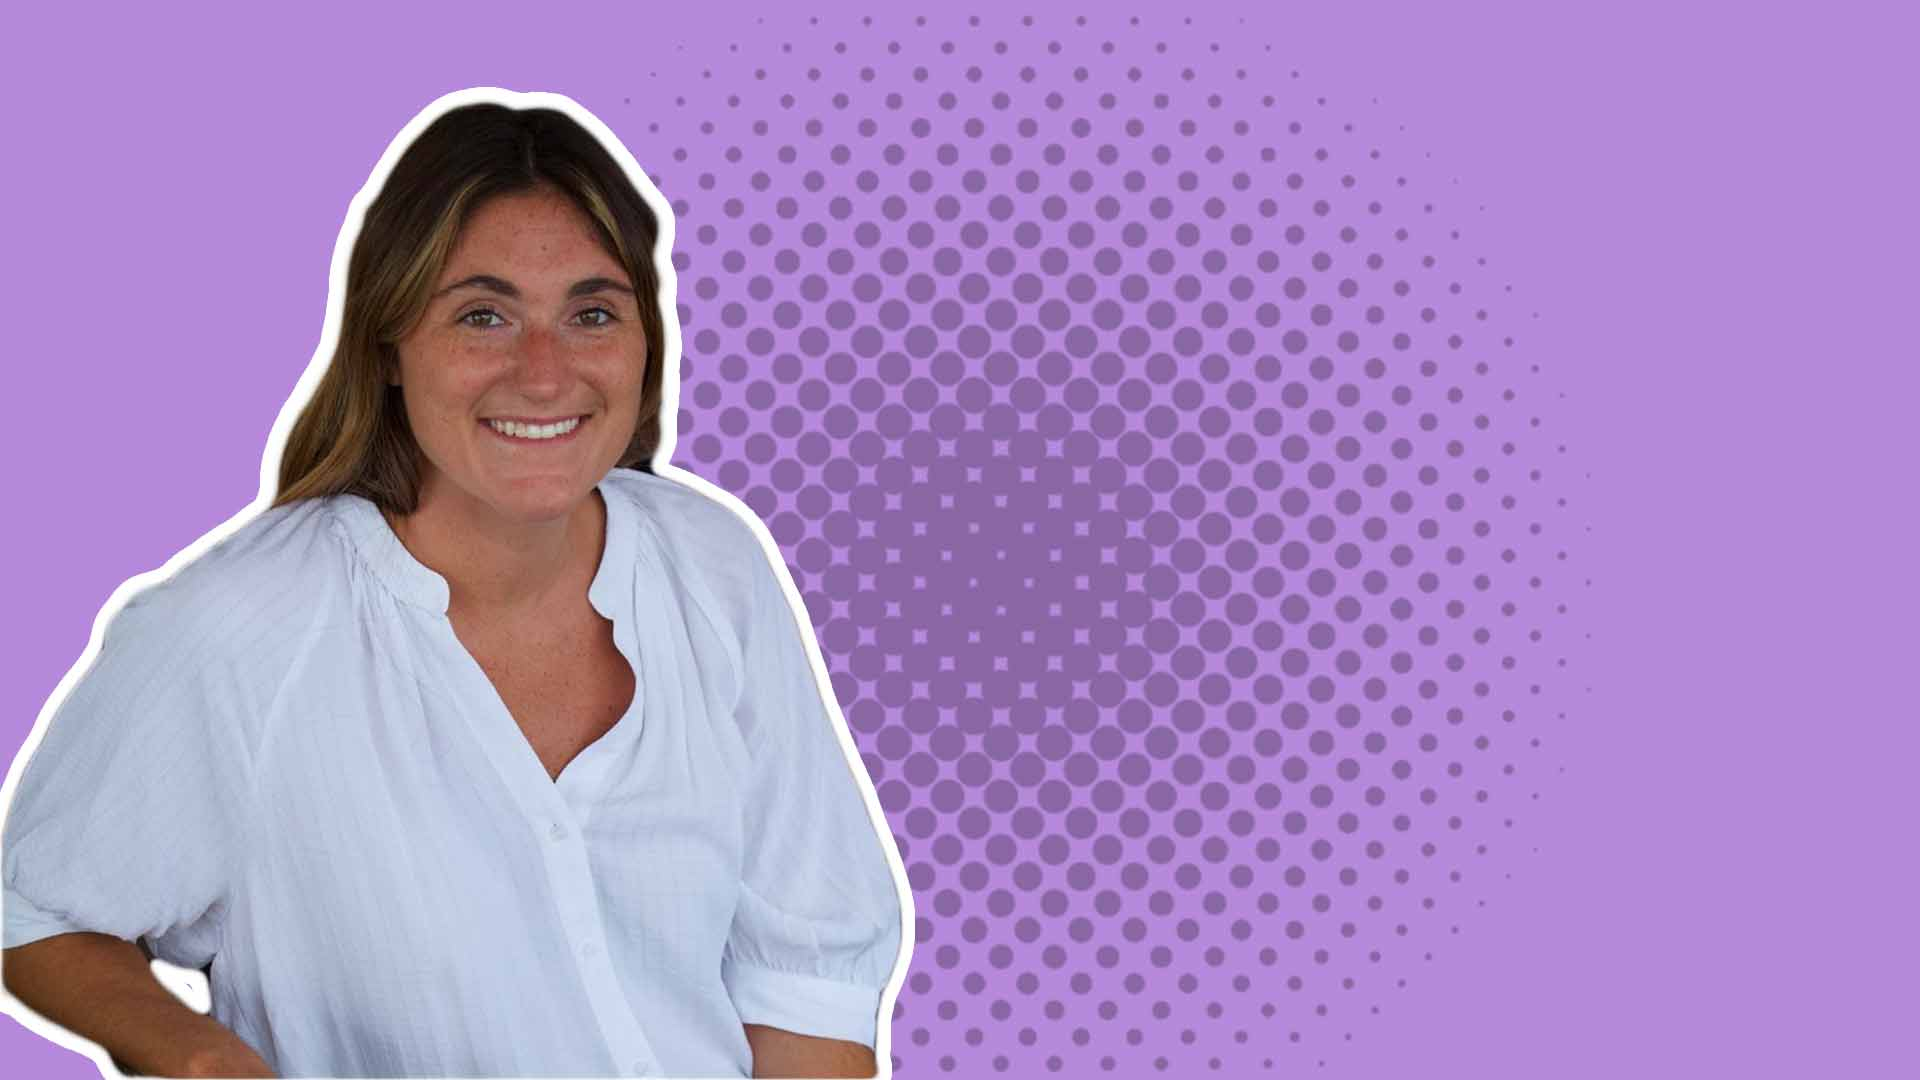 Rachel Marini